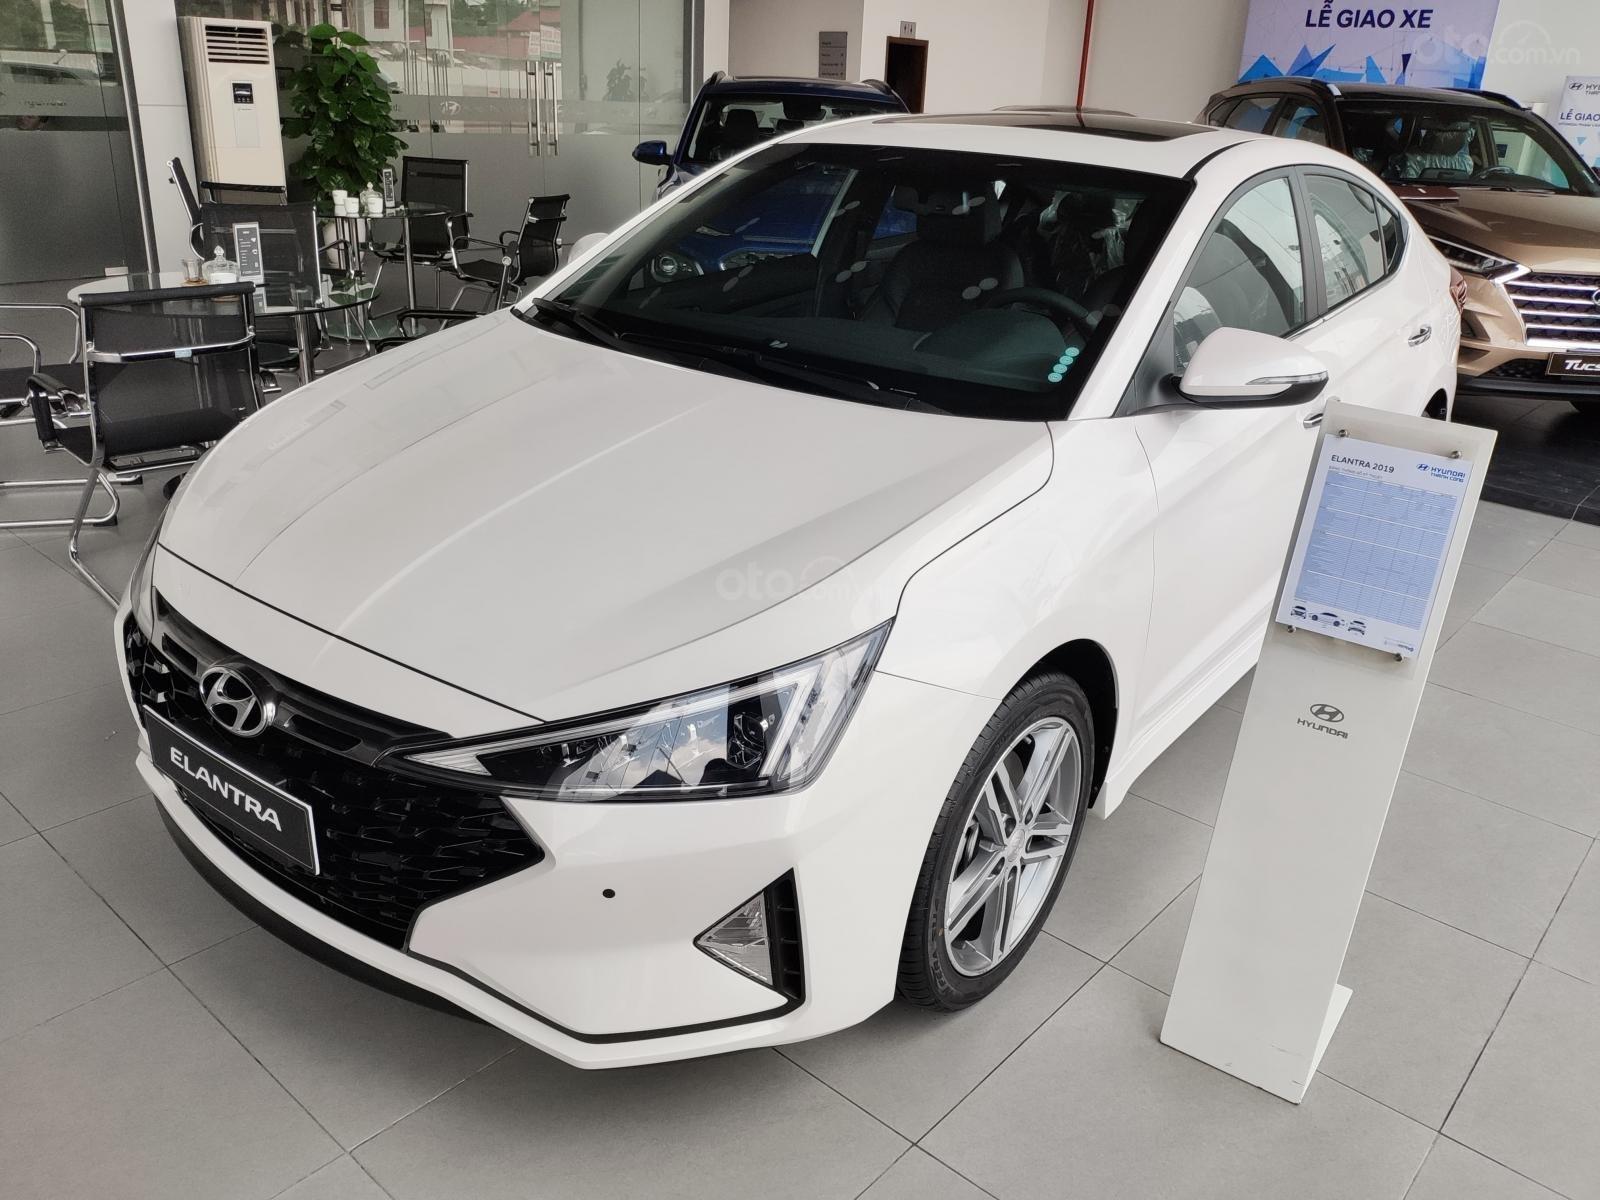 Giảm nóng 50% TTB - Hyundai Elantra - cam kết giá tốt nhất toàn hệ thống (8)